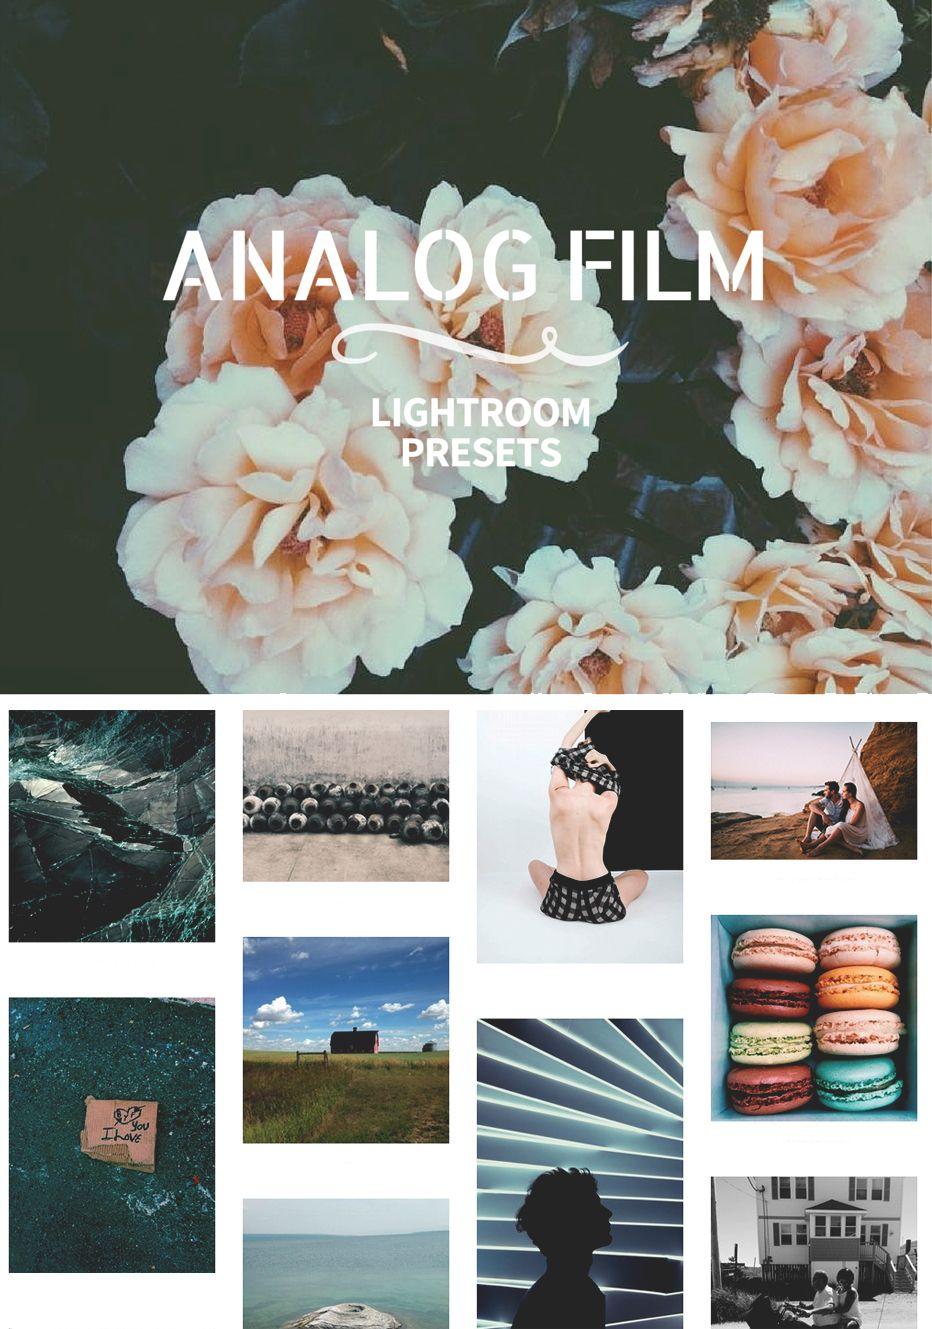 Vsco film presets free download lightroom 5